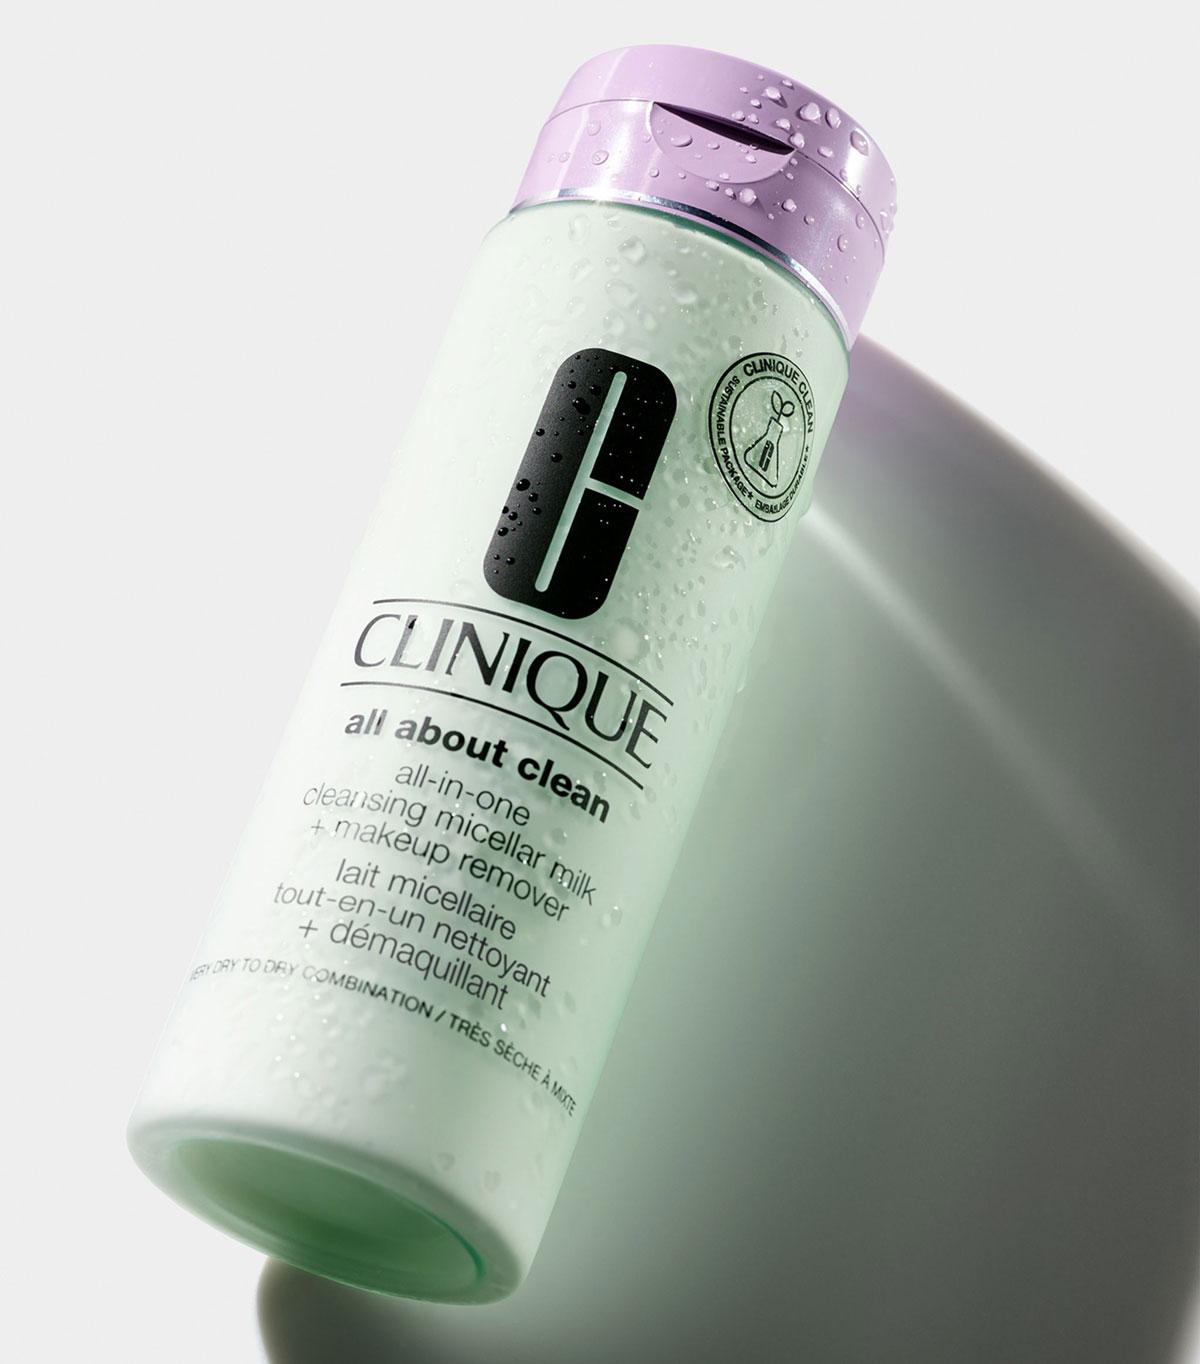 صابون مایع شستشوی صورت کلینیک – خشک مختلط